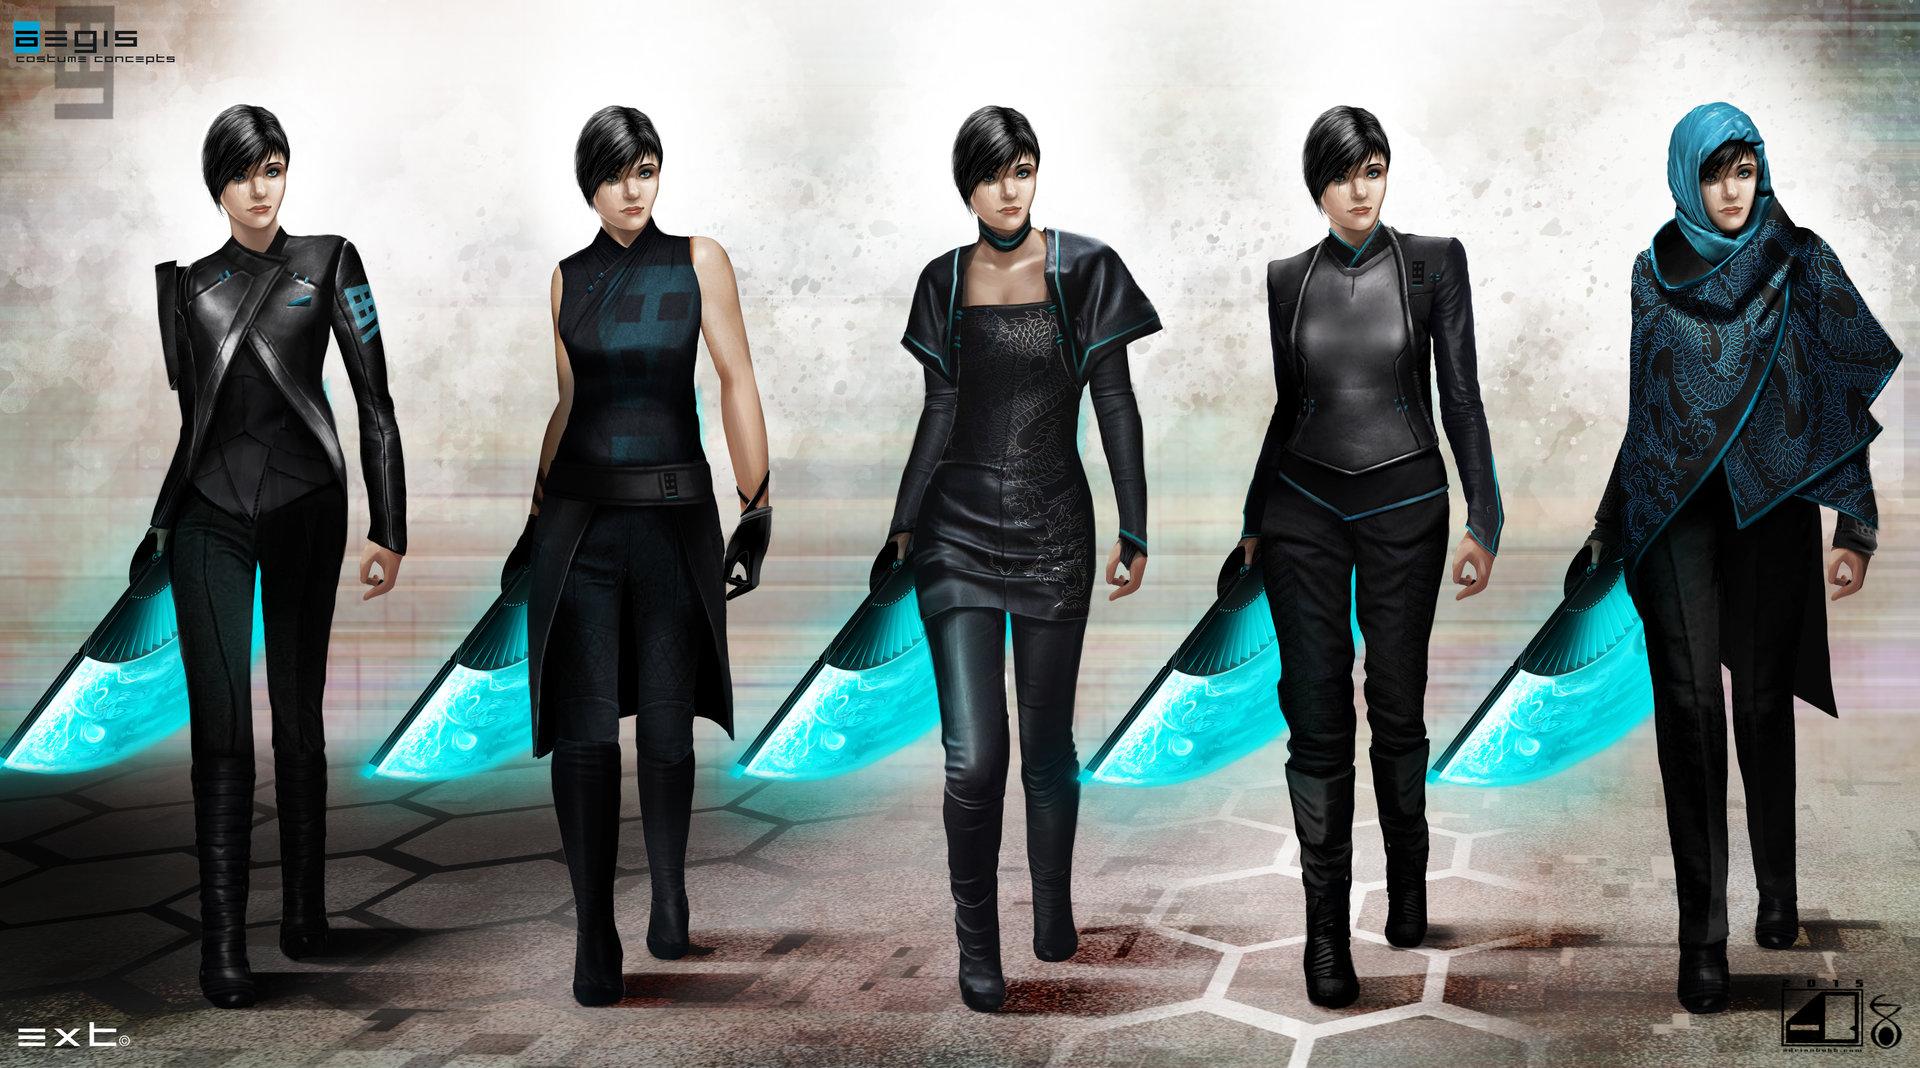 Aegis Costume Concepts